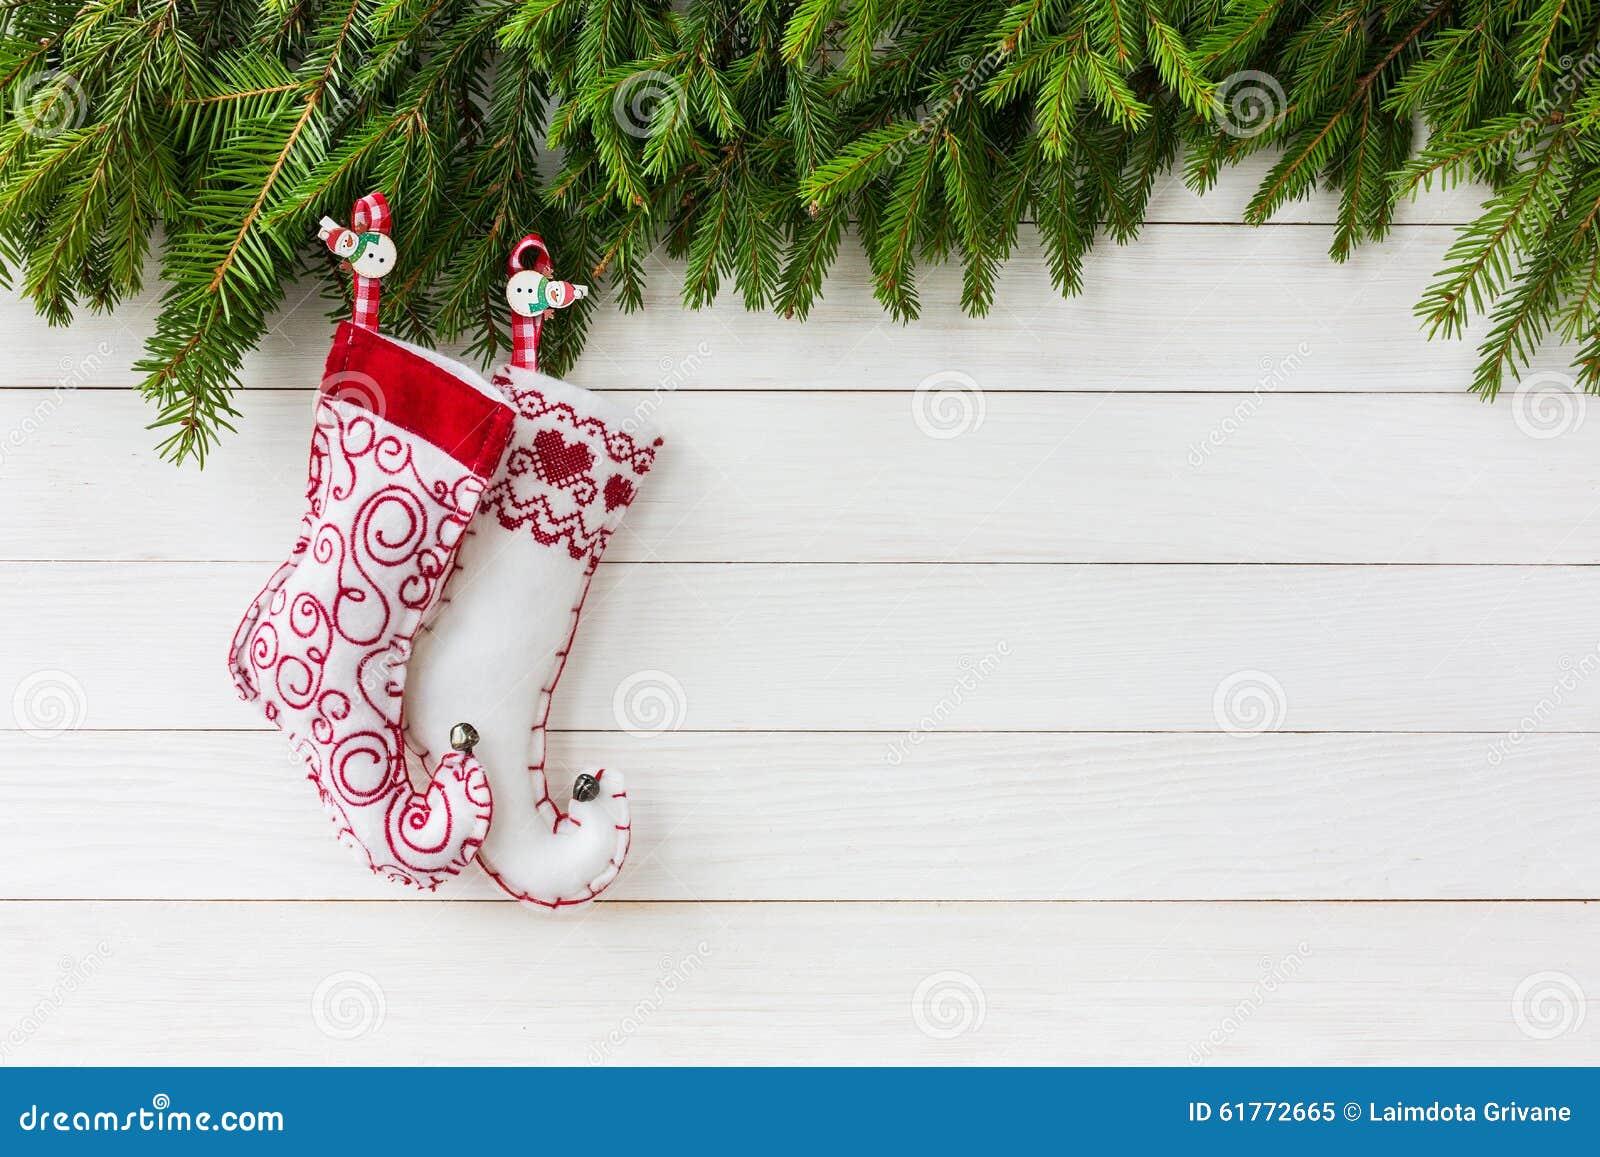 Christmas Background Christmas Socks On White Wooden